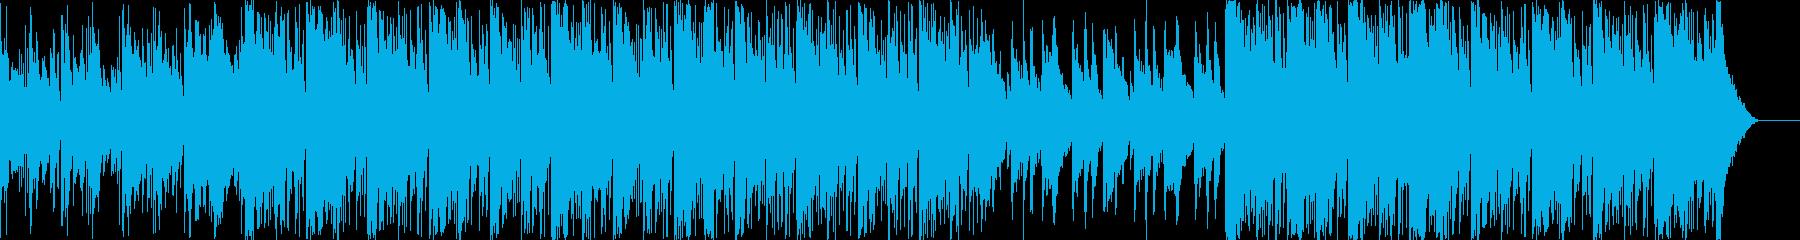 ワイルドで渋い和風エピックBGM の再生済みの波形